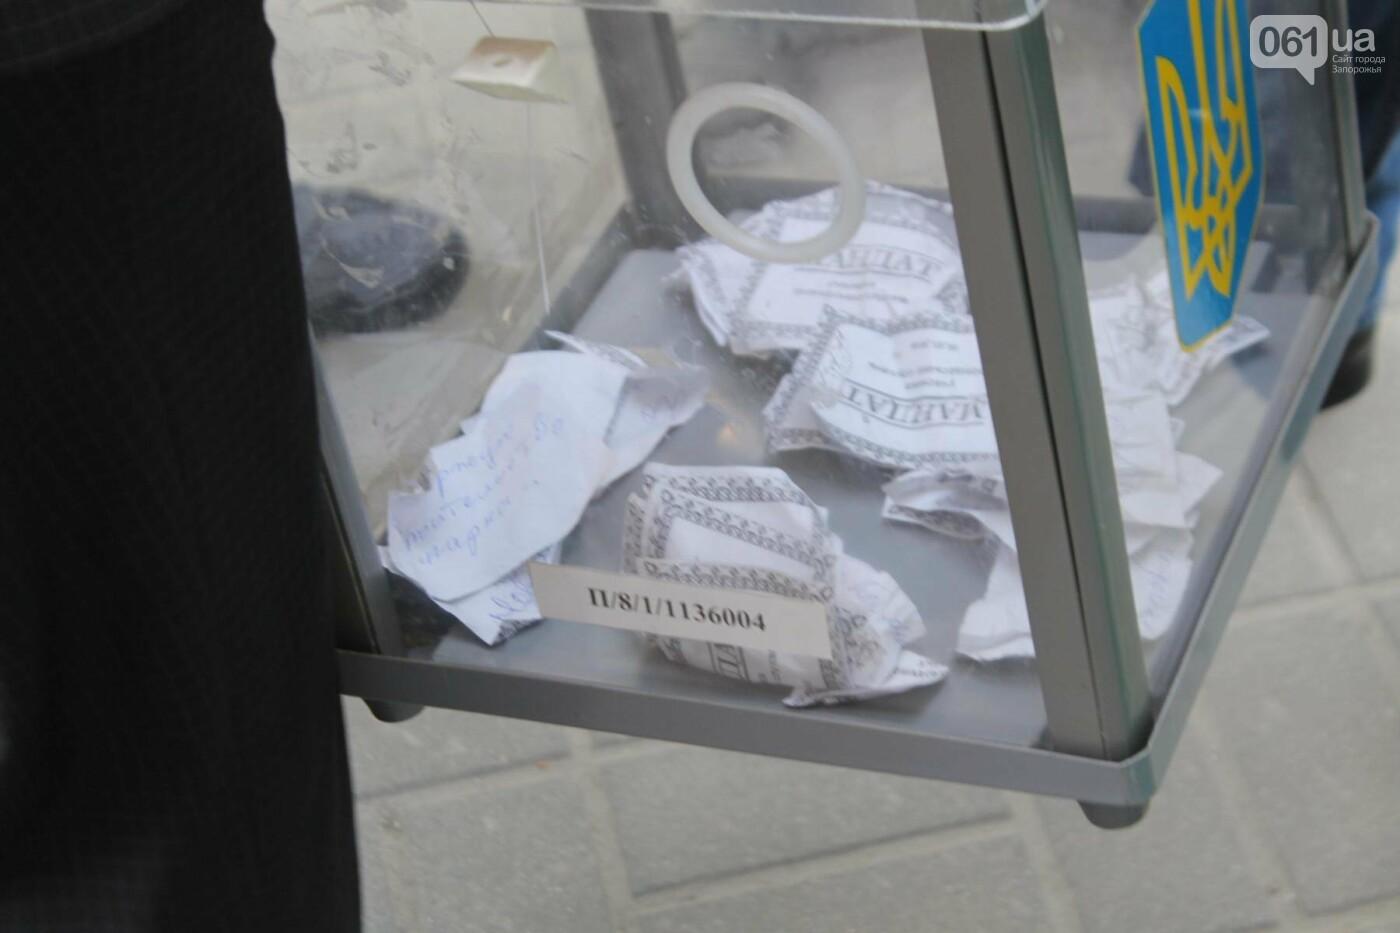 Запорожцы на общественных слушаниях проголосовали против строительства ТЦ Кальцева в сквере Яланского, - ФОТОРЕПОРТАЖ, ВИДЕО, фото-17